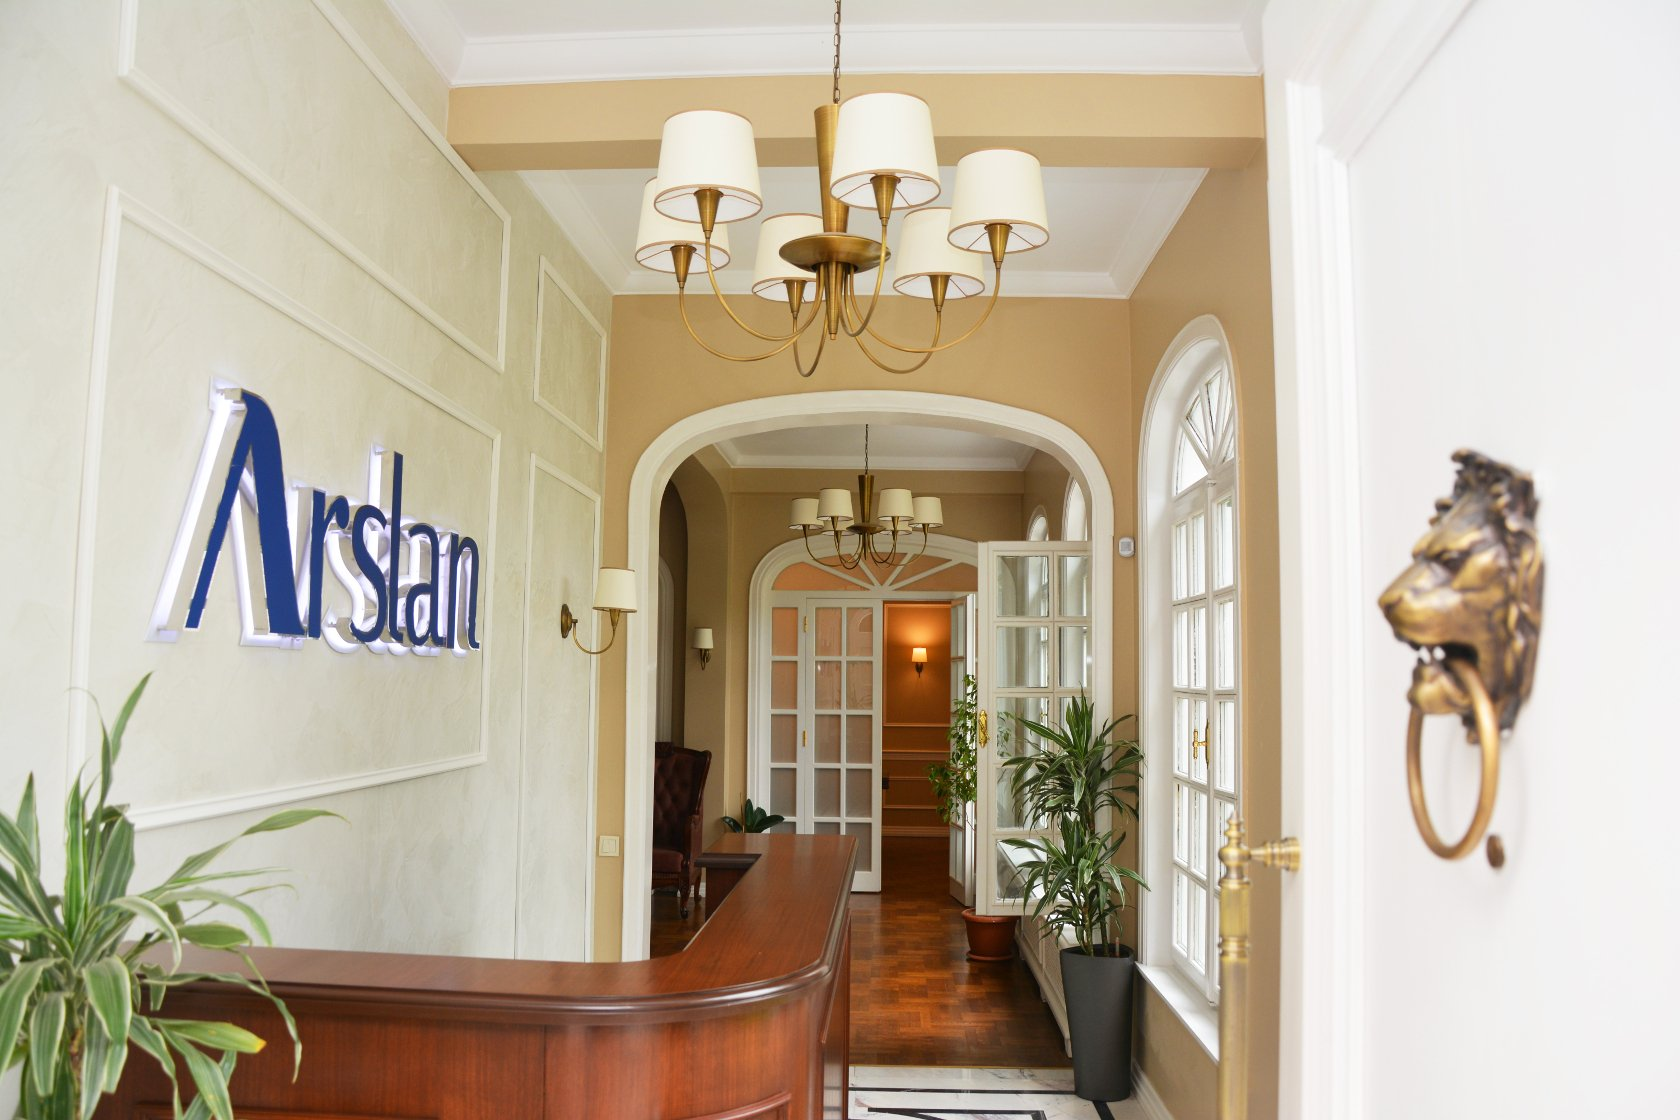 Arslan Law Firm